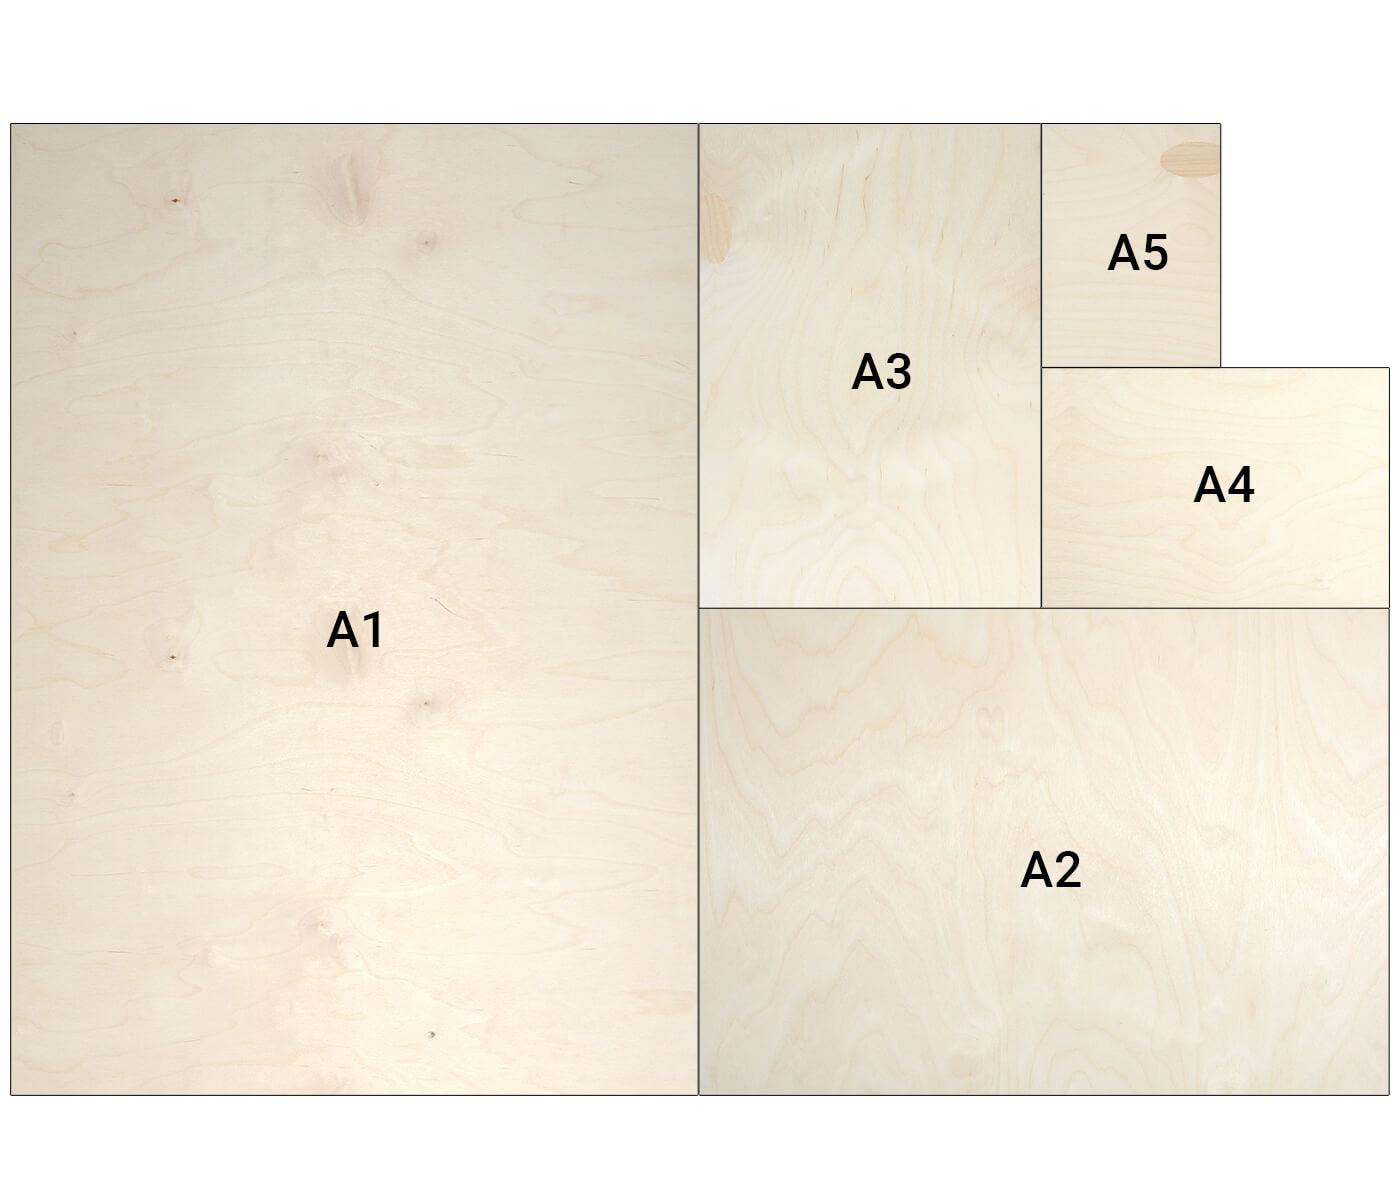 Pannelli Spessore 5 Mm Diverse Quantita E Misure Legno Multistrato Tavola Multiplex Taglio Compensato Massiccio Di Betulla Non Trattato Piano Multiuso Per Il Fai Da Te E Bricolage Ceres Webshop